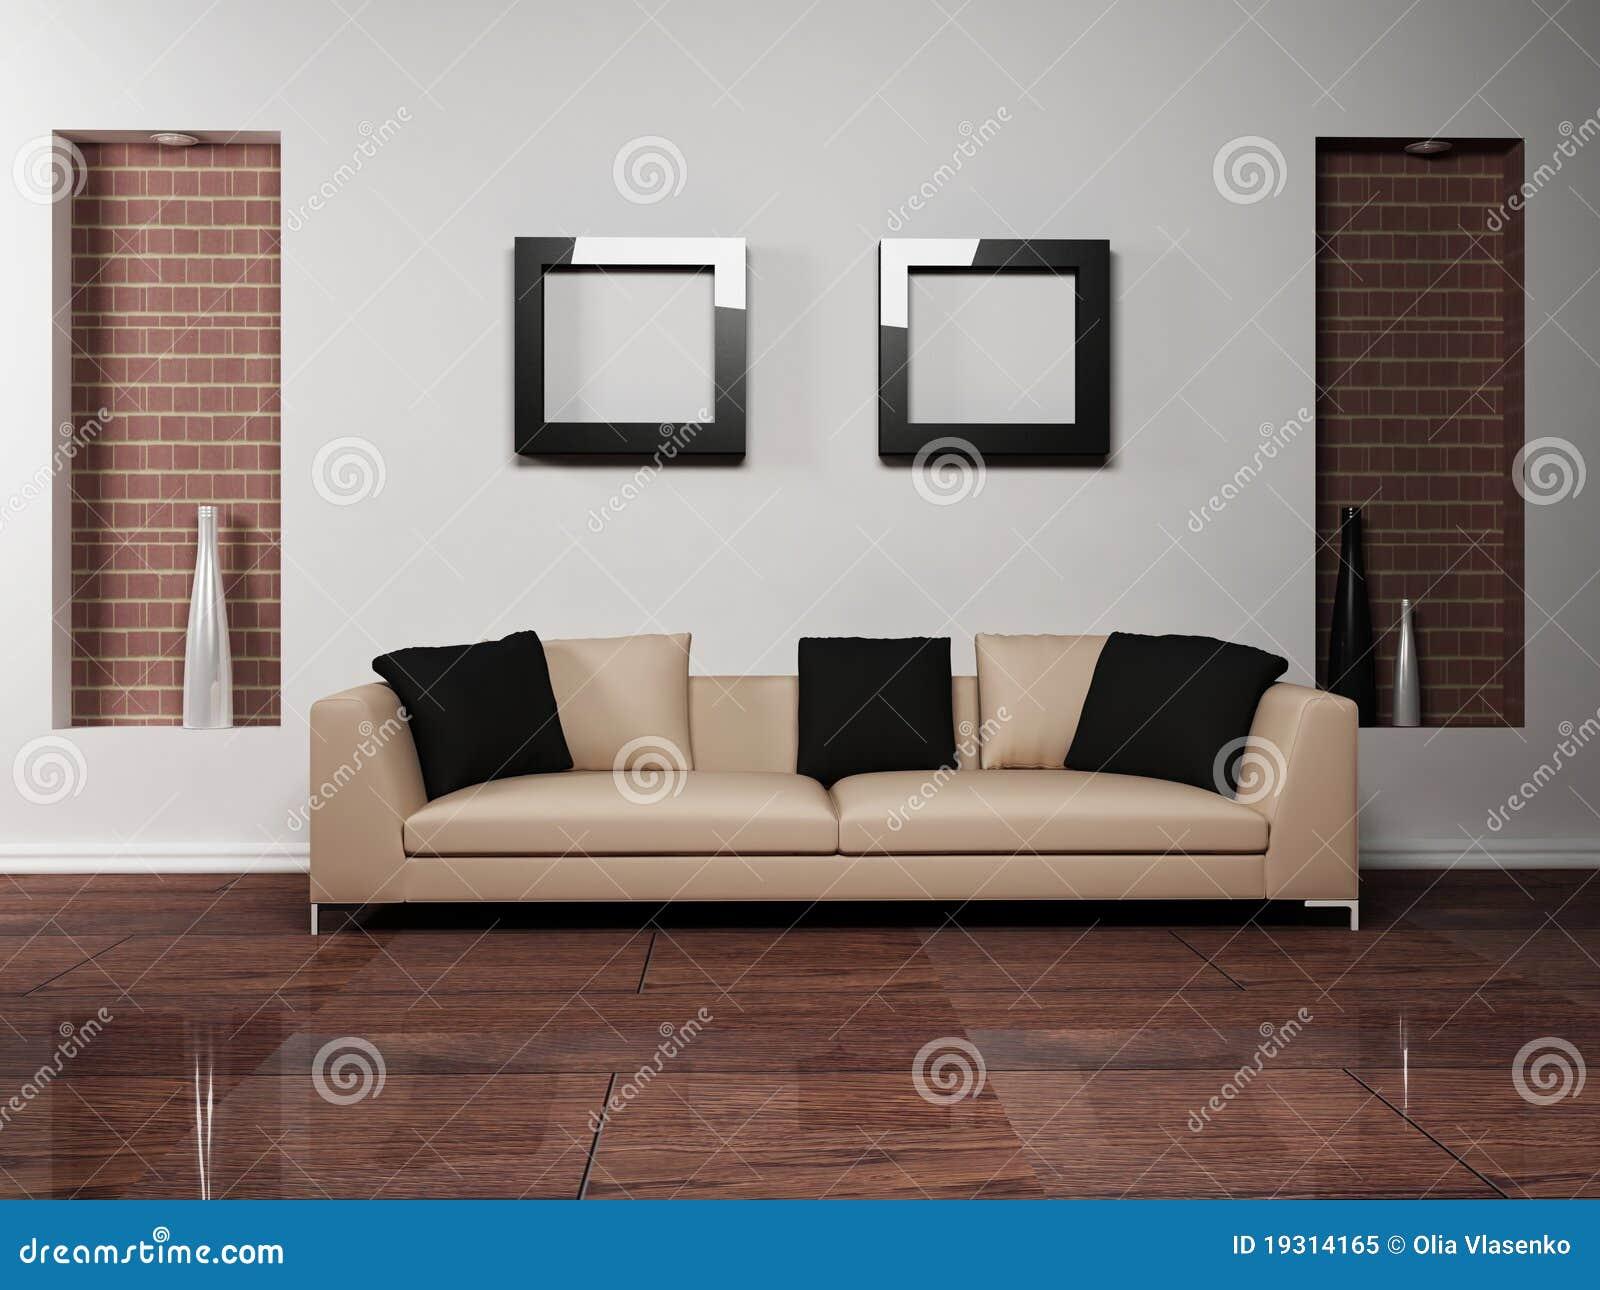 Modern binnenlands ontwerp van woonkamer met royalty vrije stock foto beeld 19314165 - Fotos van moderne woonkamer ...